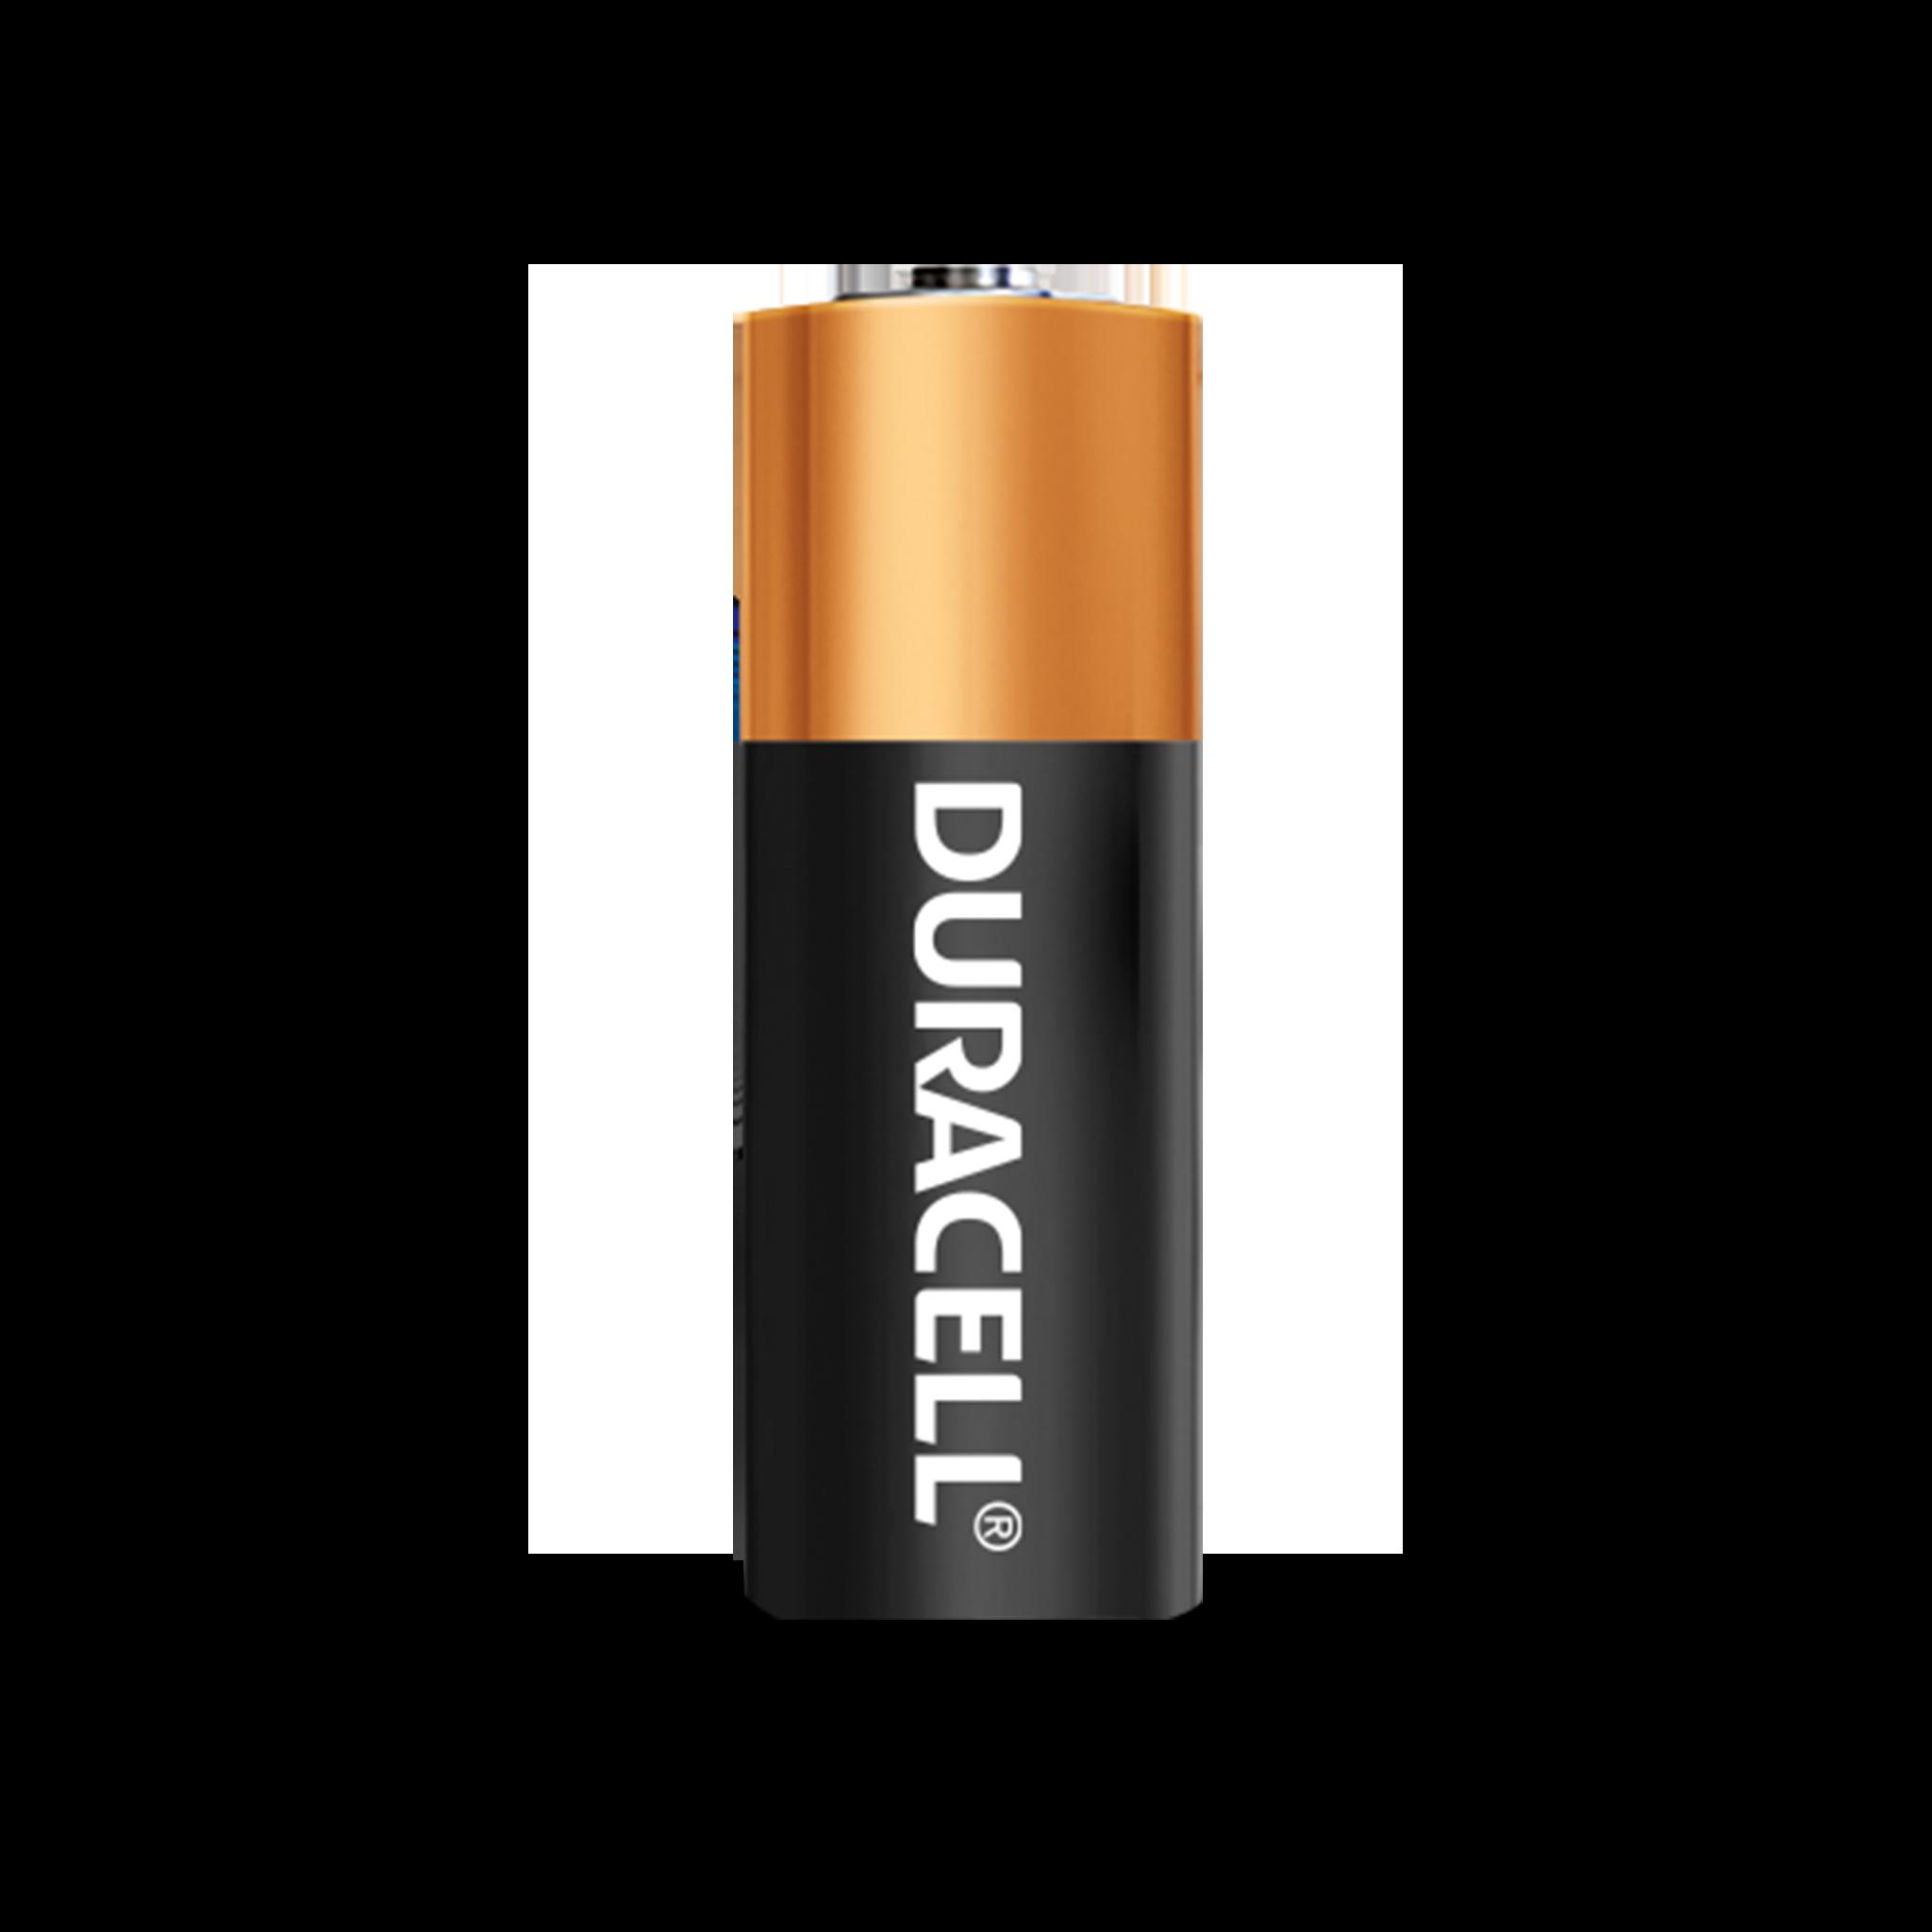 Standalone 21-23 battery